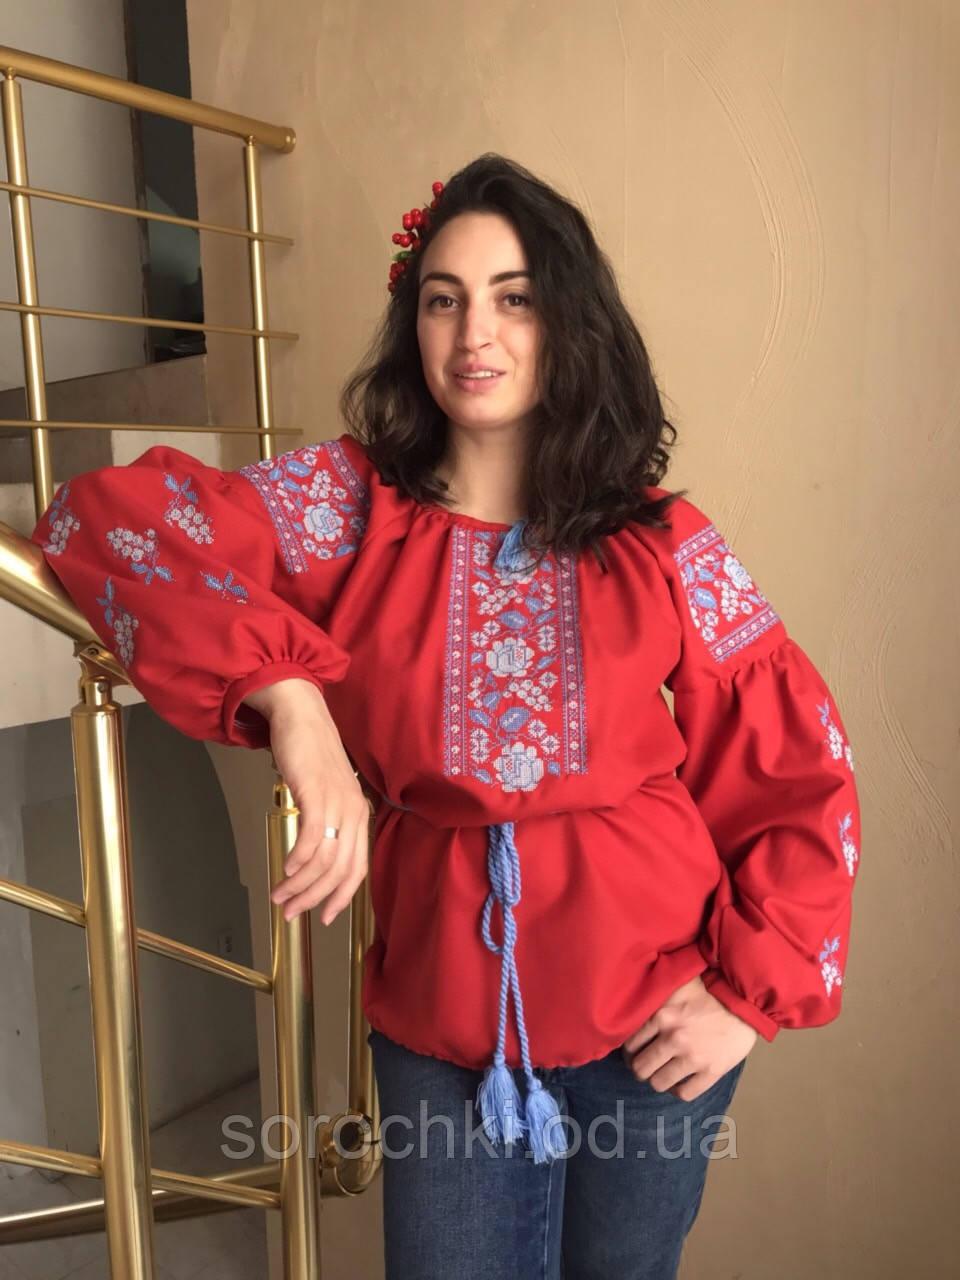 """Вышиванка женская , красная,с вышивкой, цветы , """"маки с виноградом"""" домотканная ткань , рукав """"бохо"""""""